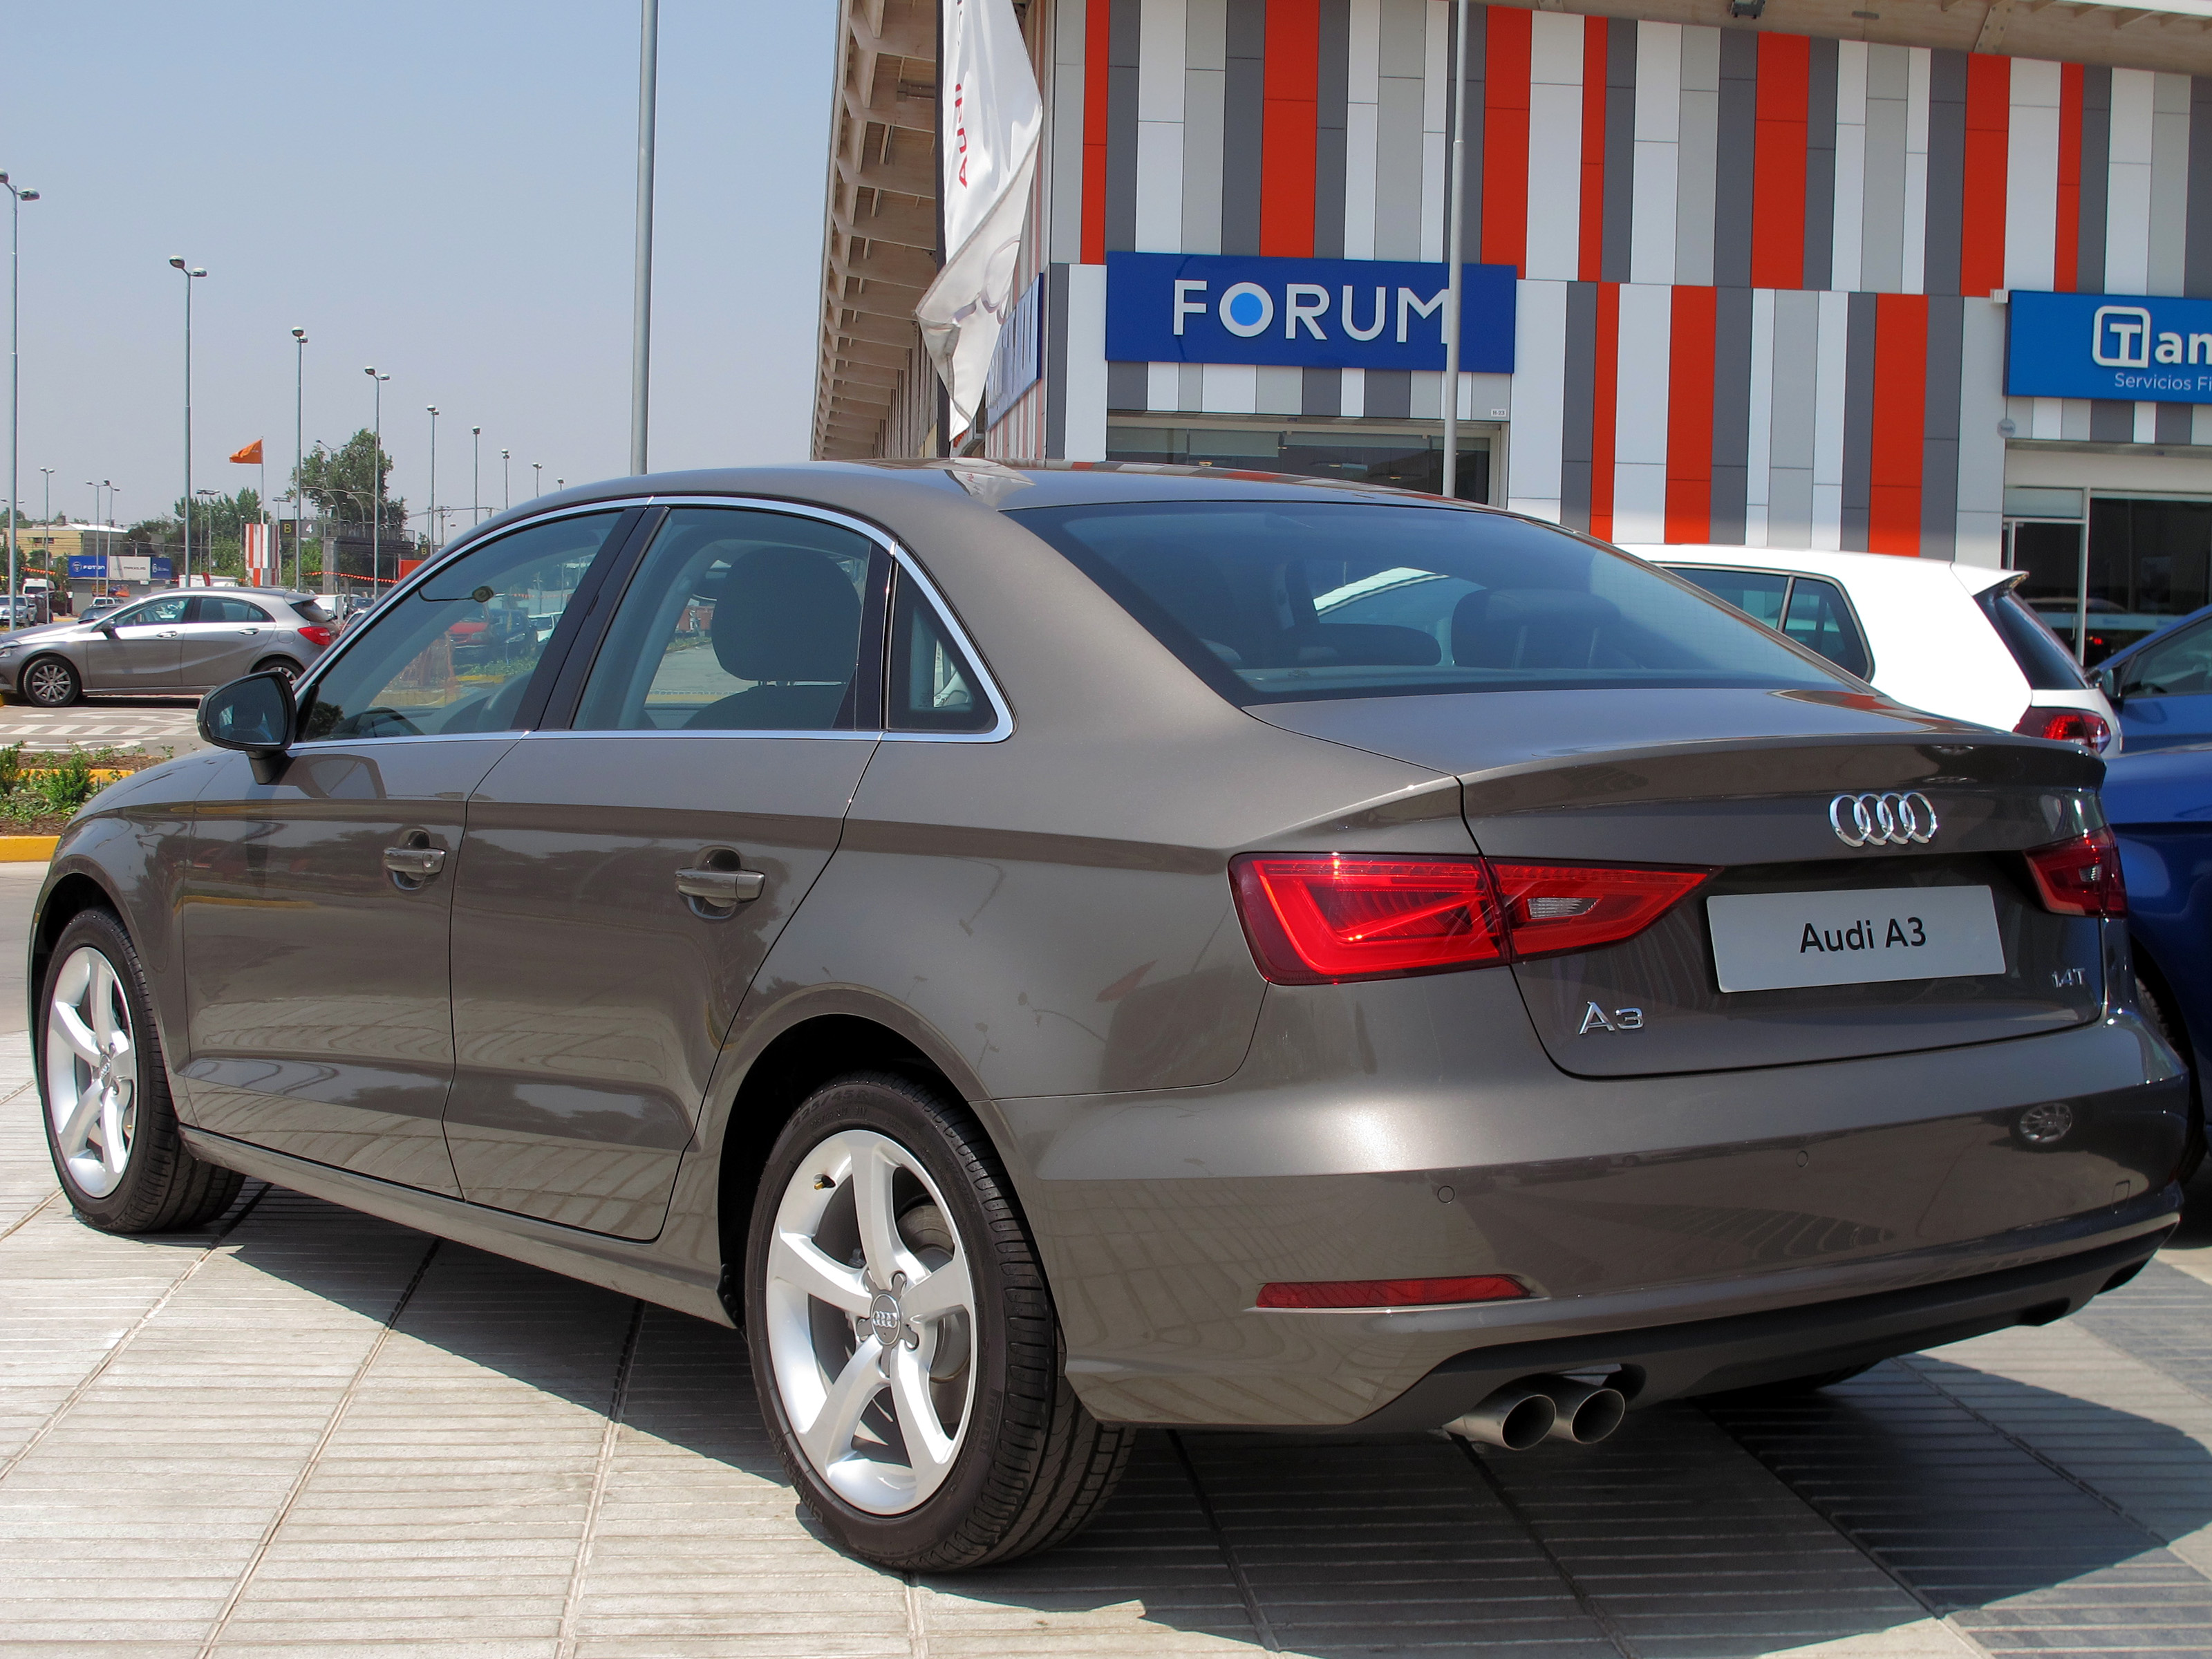 Kelebihan Kekurangan Audi A3 Sedan 2015 Murah Berkualitas